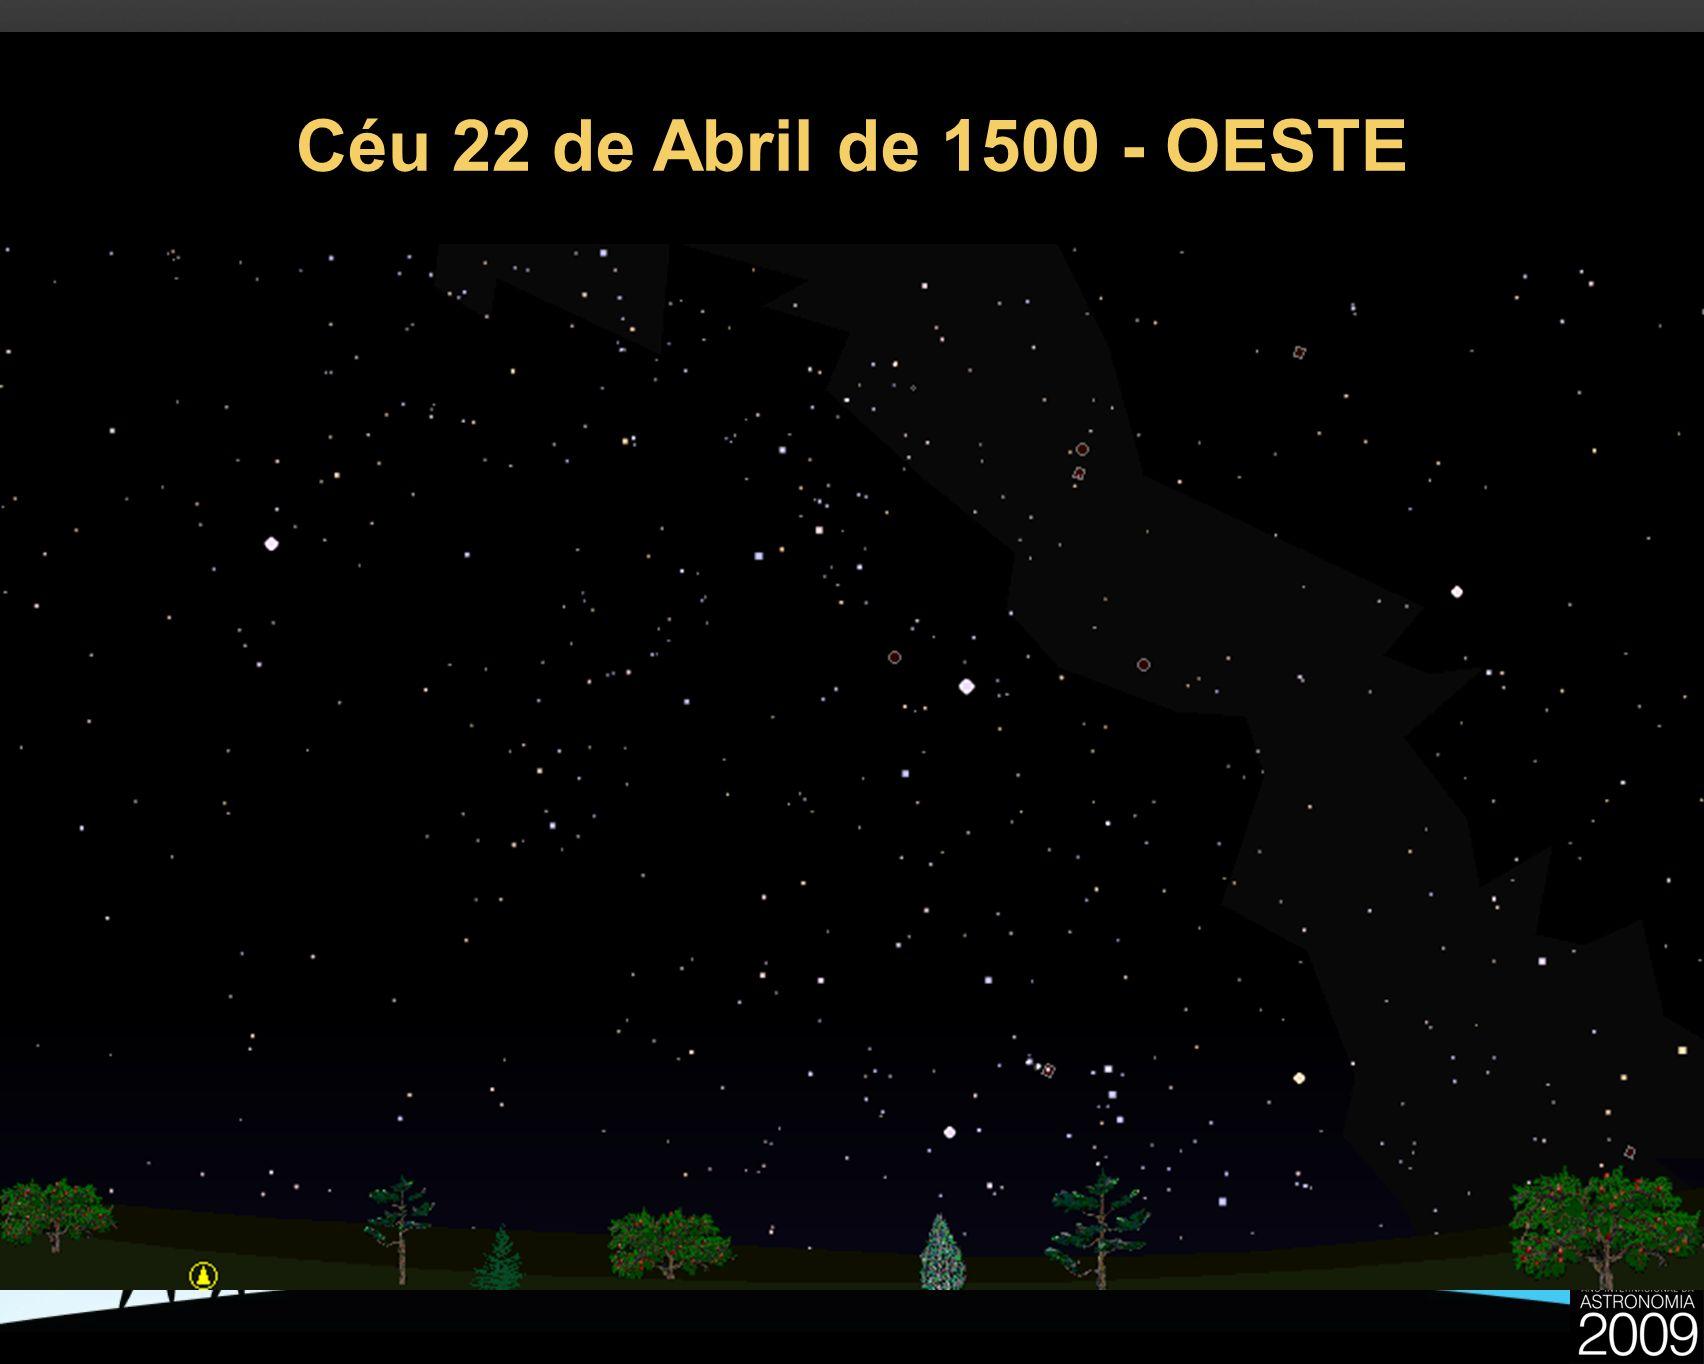 Céu 22 de Abril de 1500 - OESTE 21